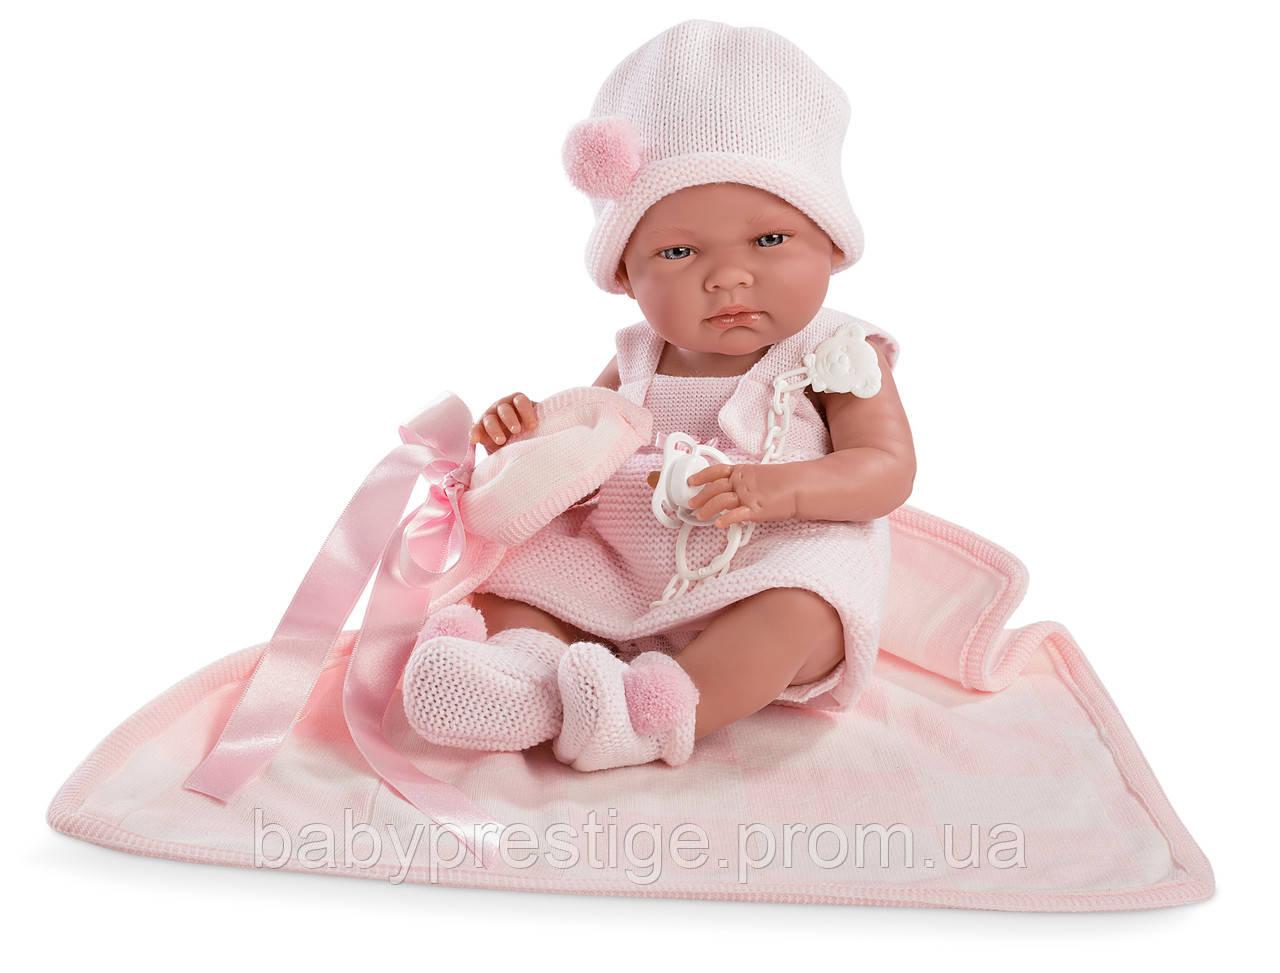 Llorens - новорожденная кукла девочка Nica, 38 см